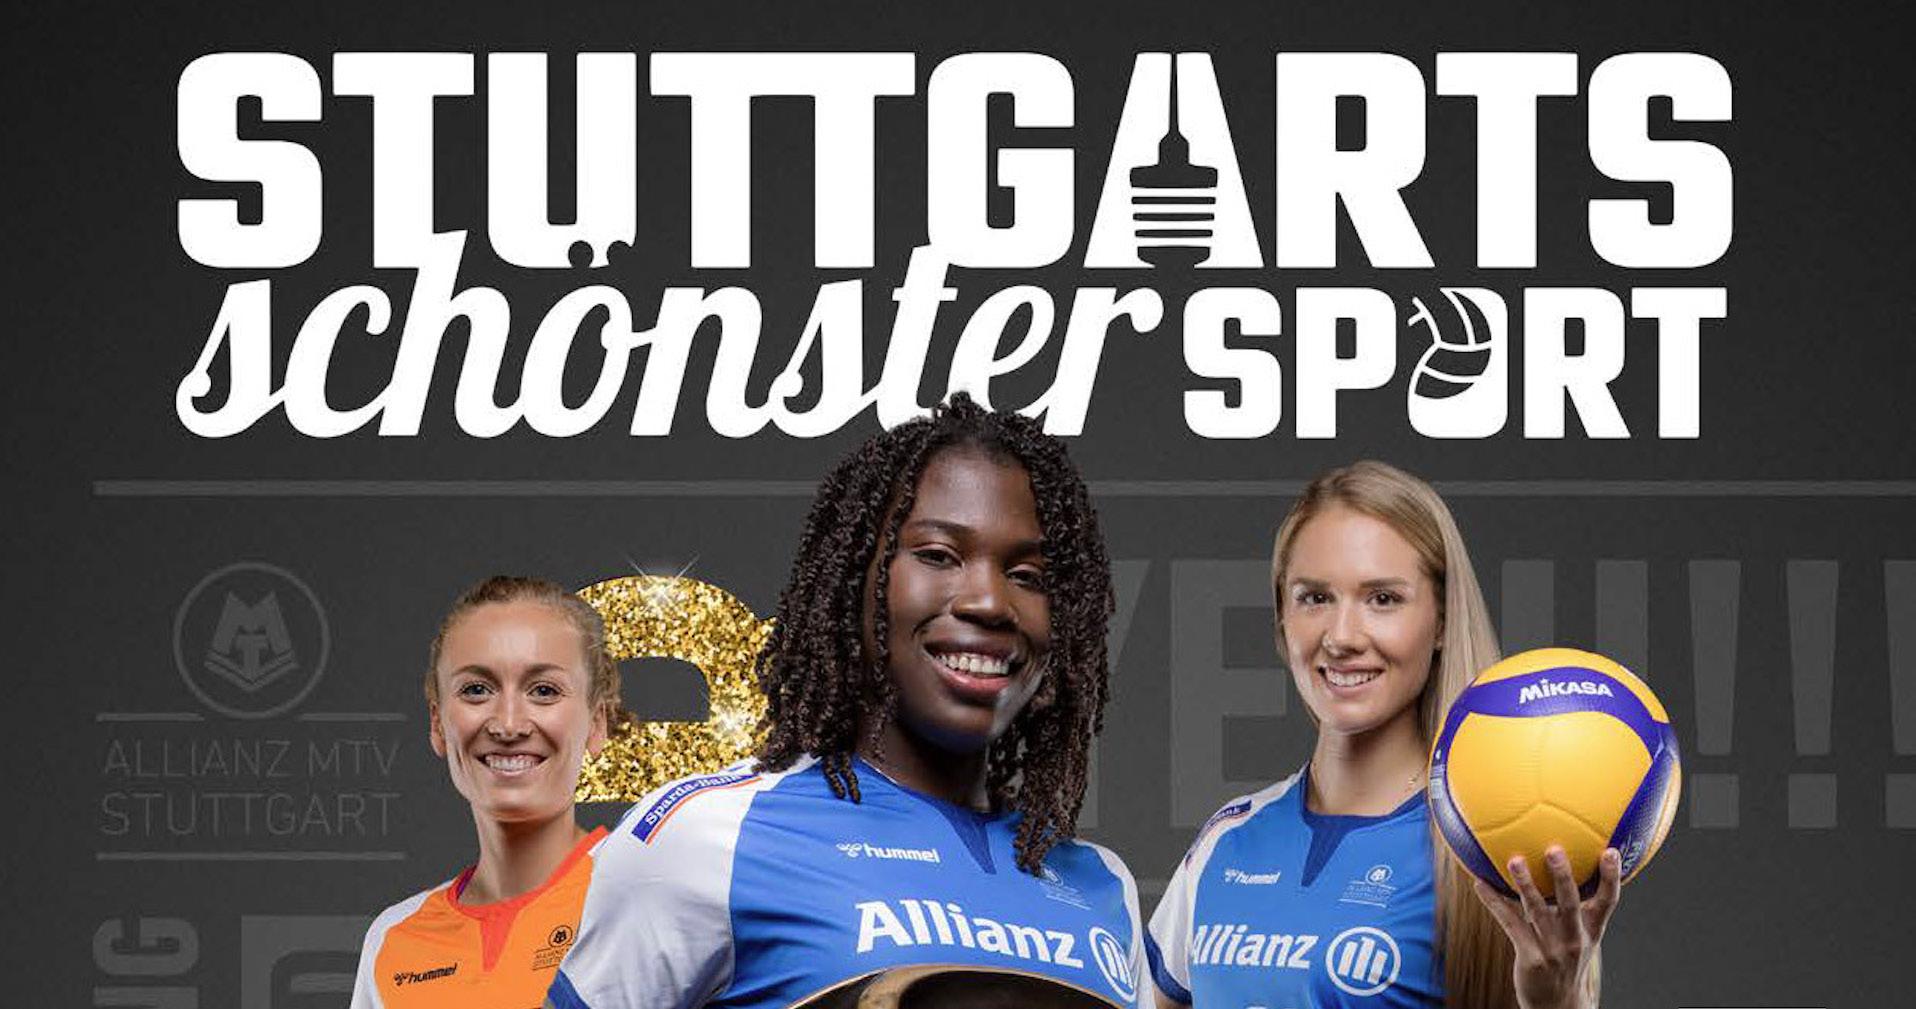 Das neue Allianz MTV Stuttgart Saisonmagazin ist da!